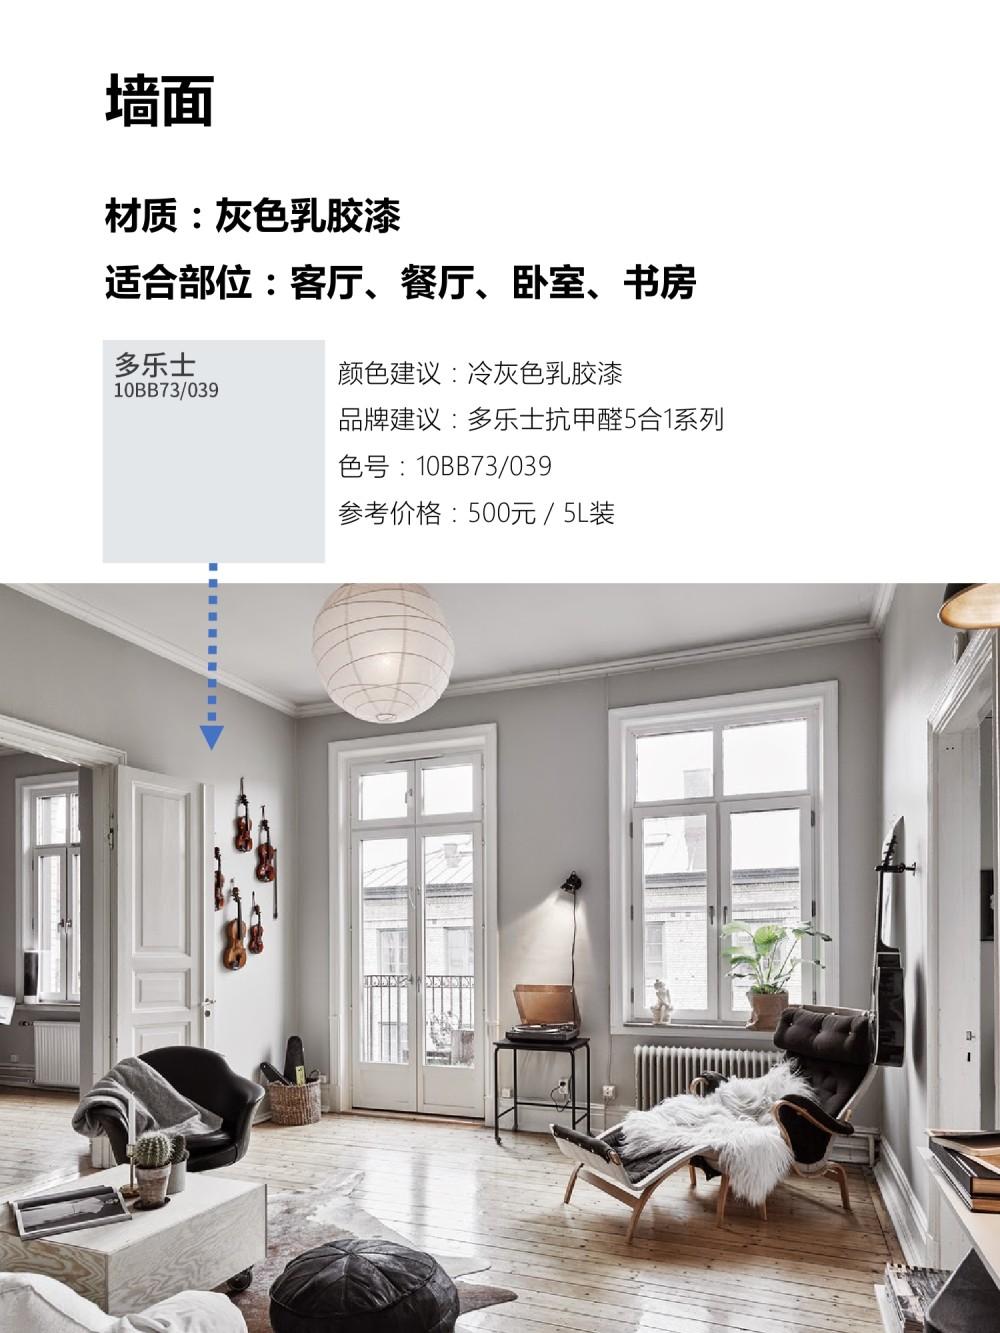 【指导手册】现代北欧风格DIY手册PDF+JPG 93P丨170M丨_08.jpg